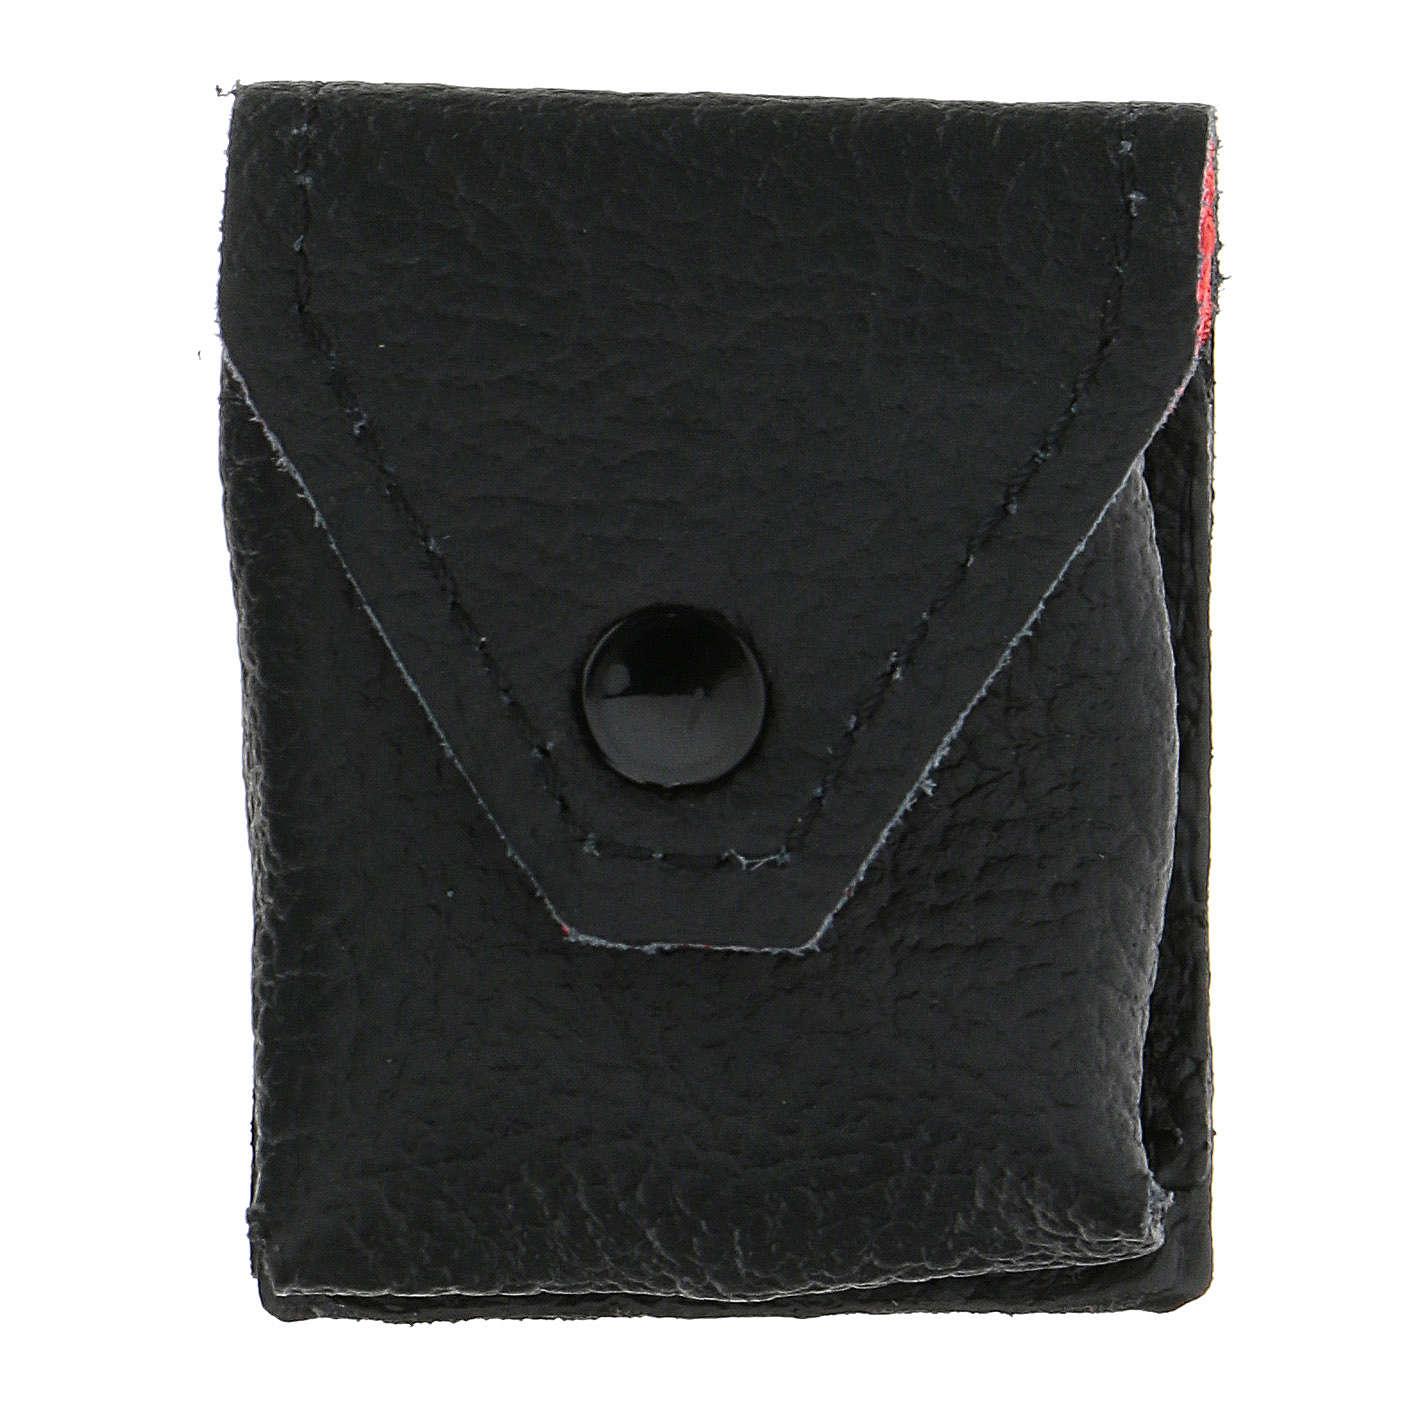 Estuche para viático cuero negro interior rojo 3